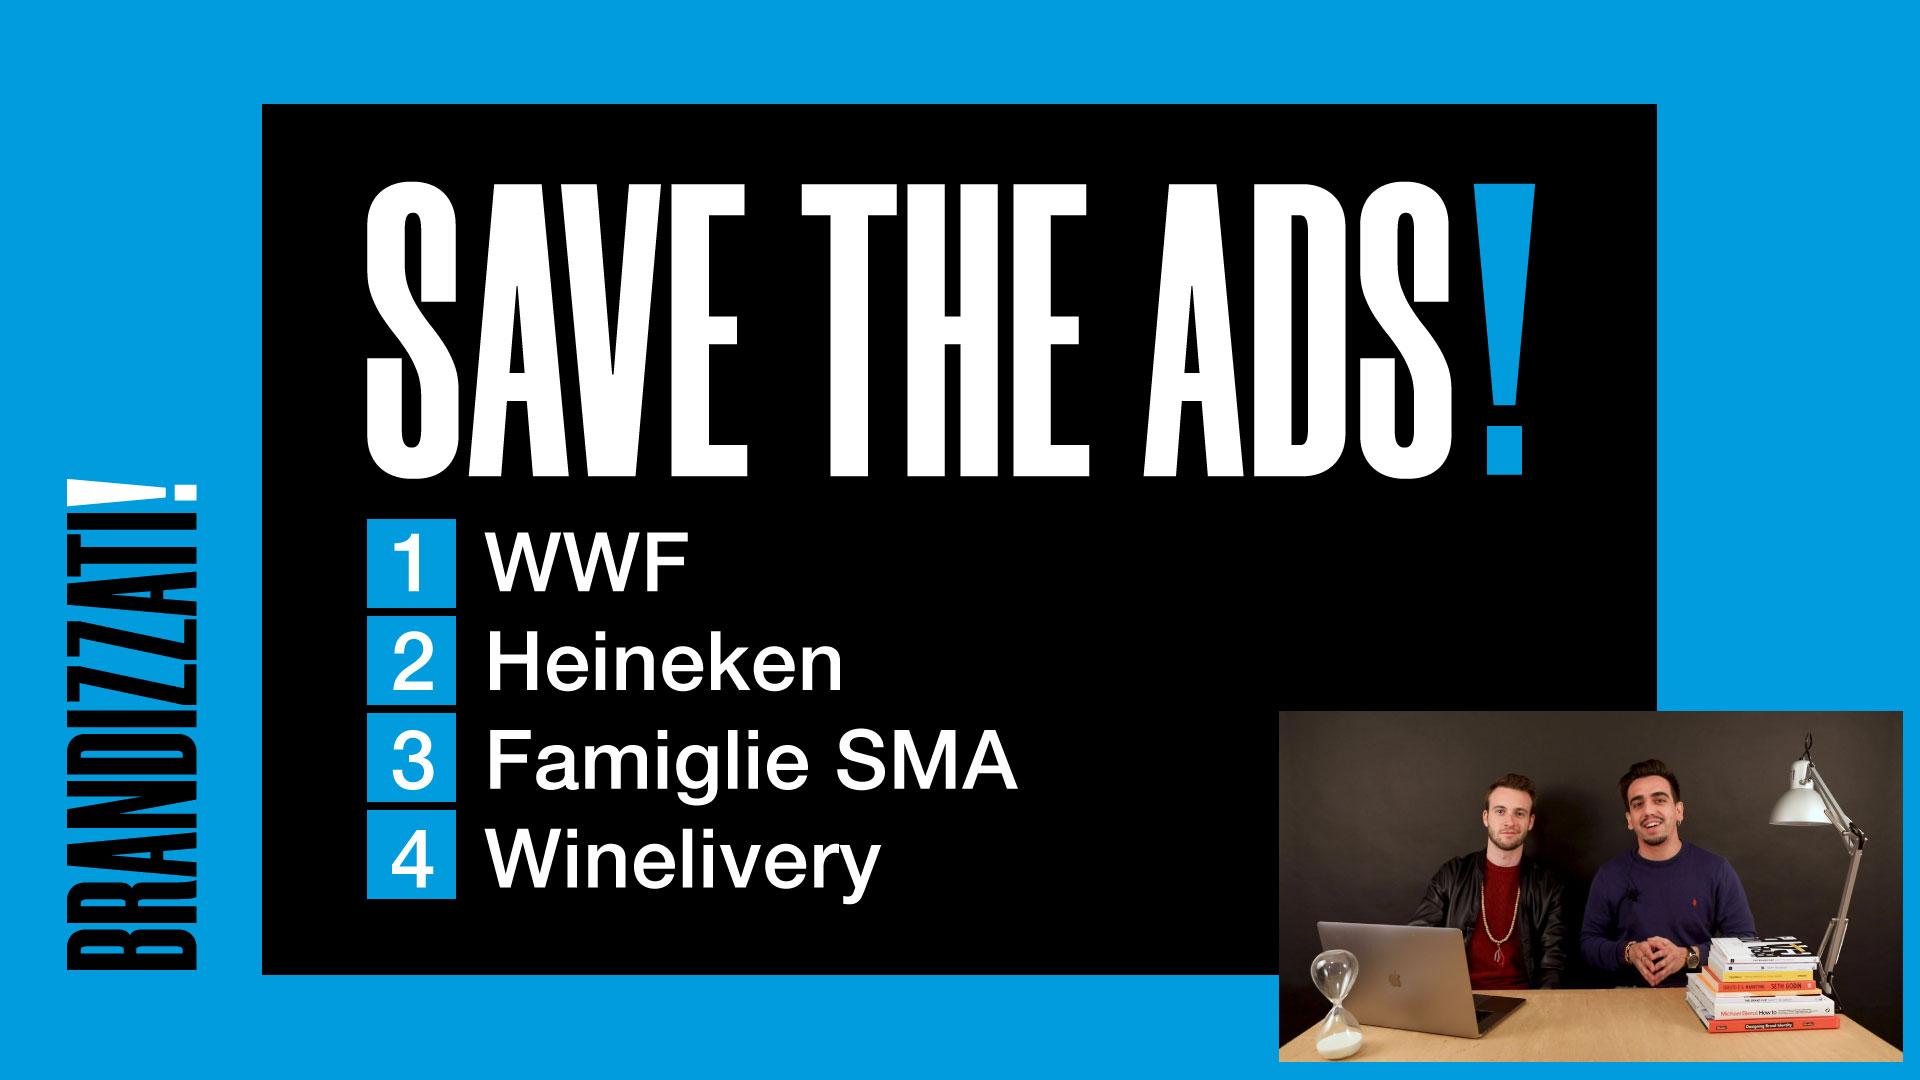 Titolo in bianco SAVE THE ADS! con elenco numerato blu su sfondo nero e blu